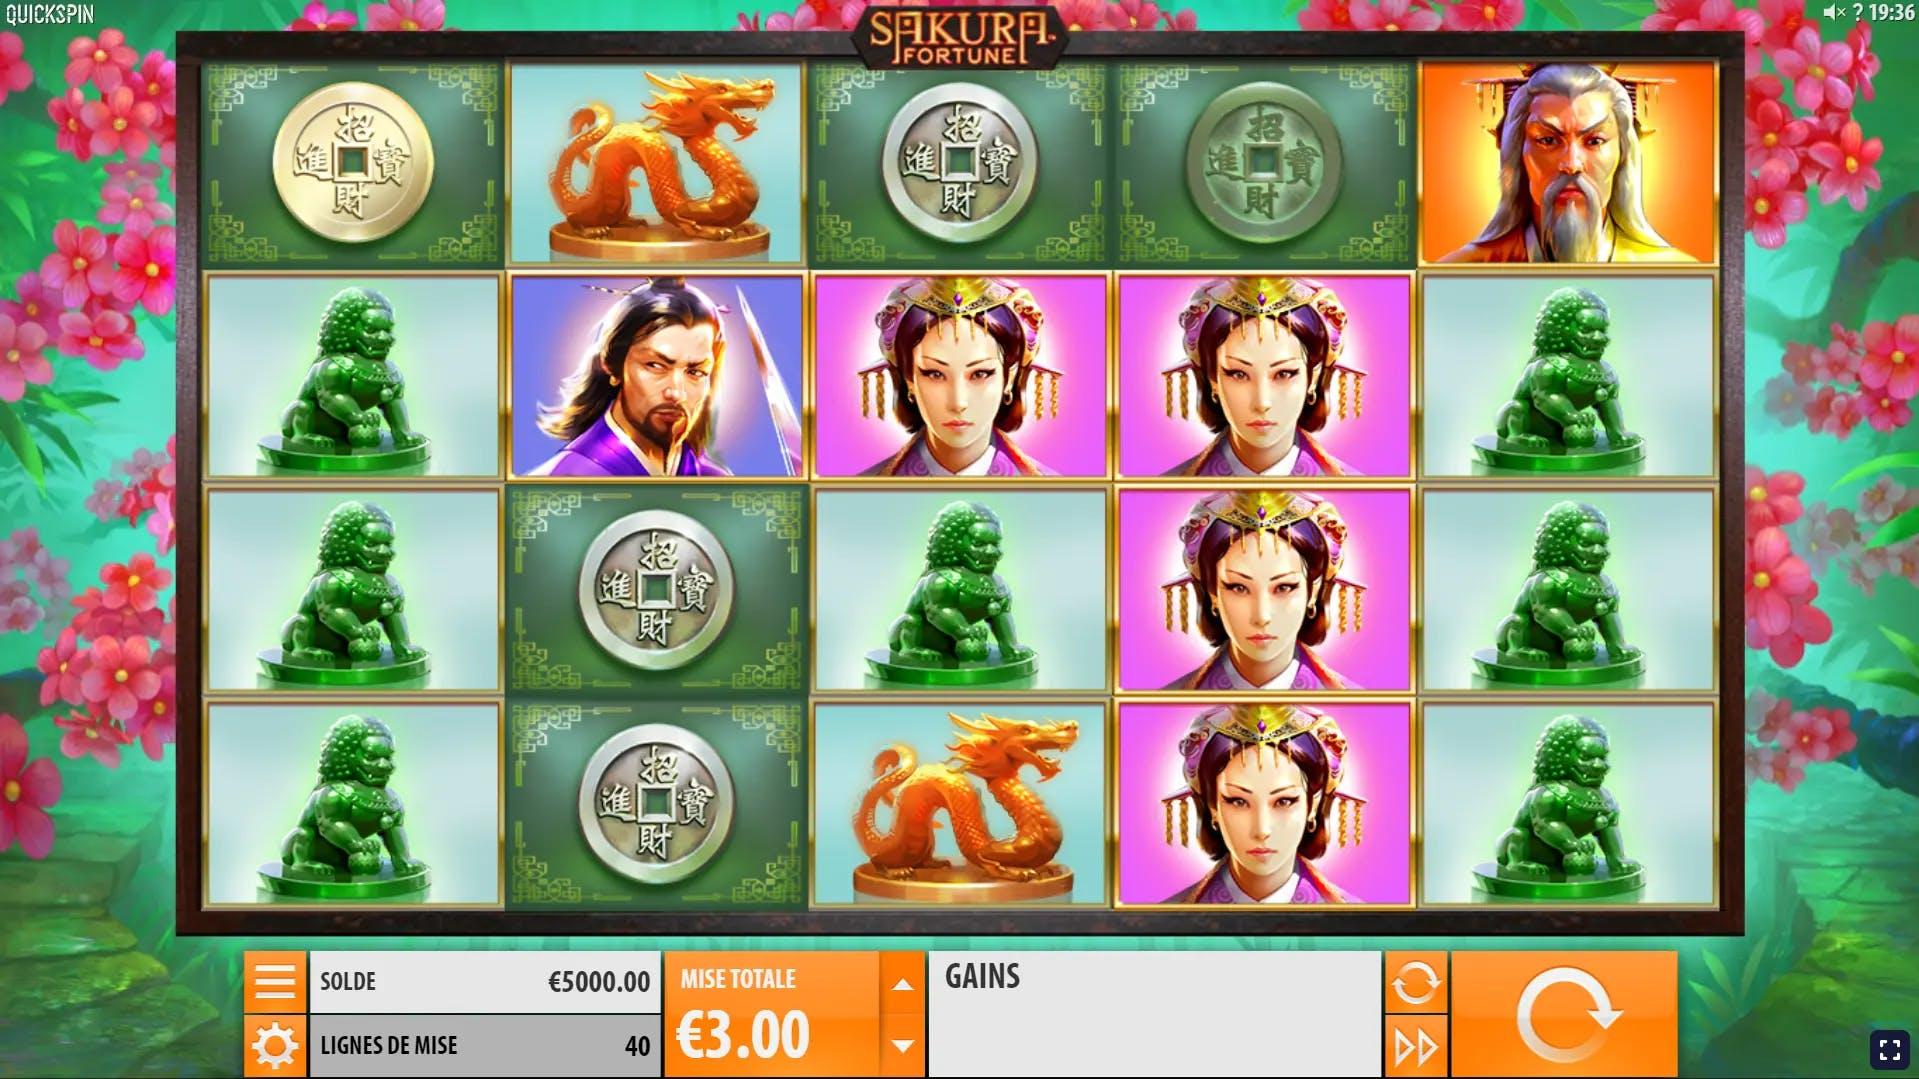 gameplay sakura fortune quickspin